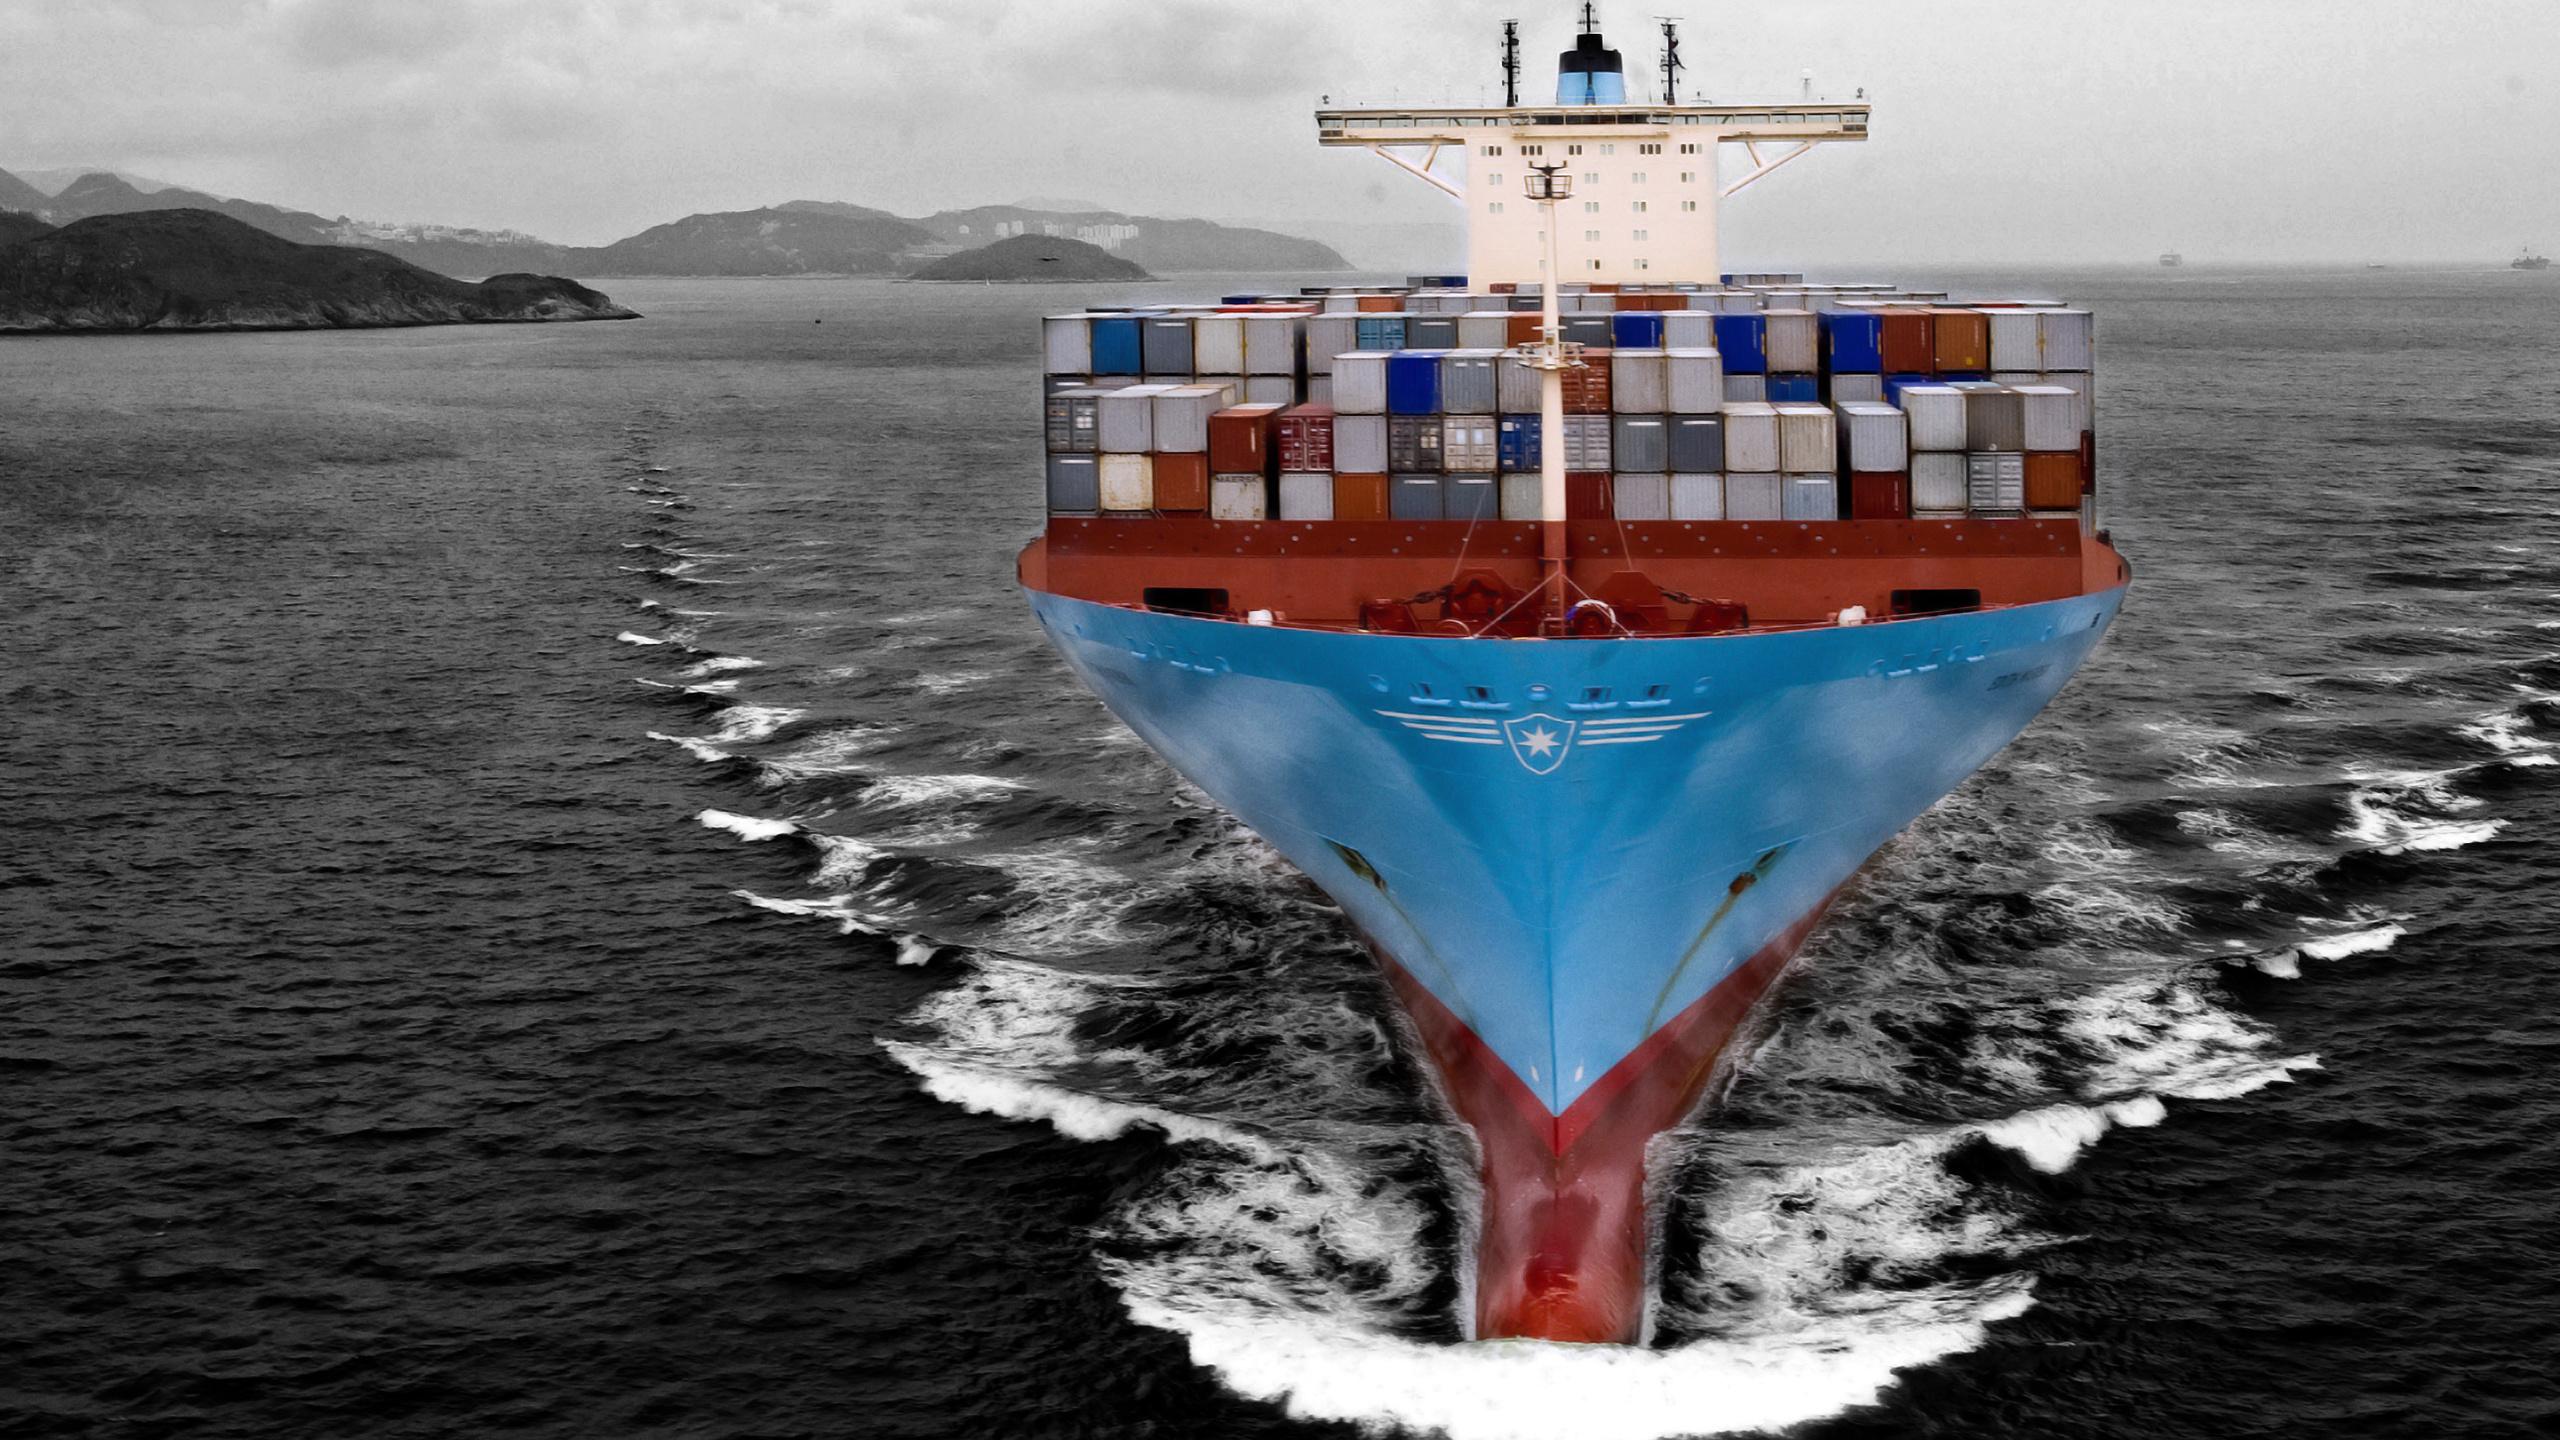 картинки торговых судов вышла серии